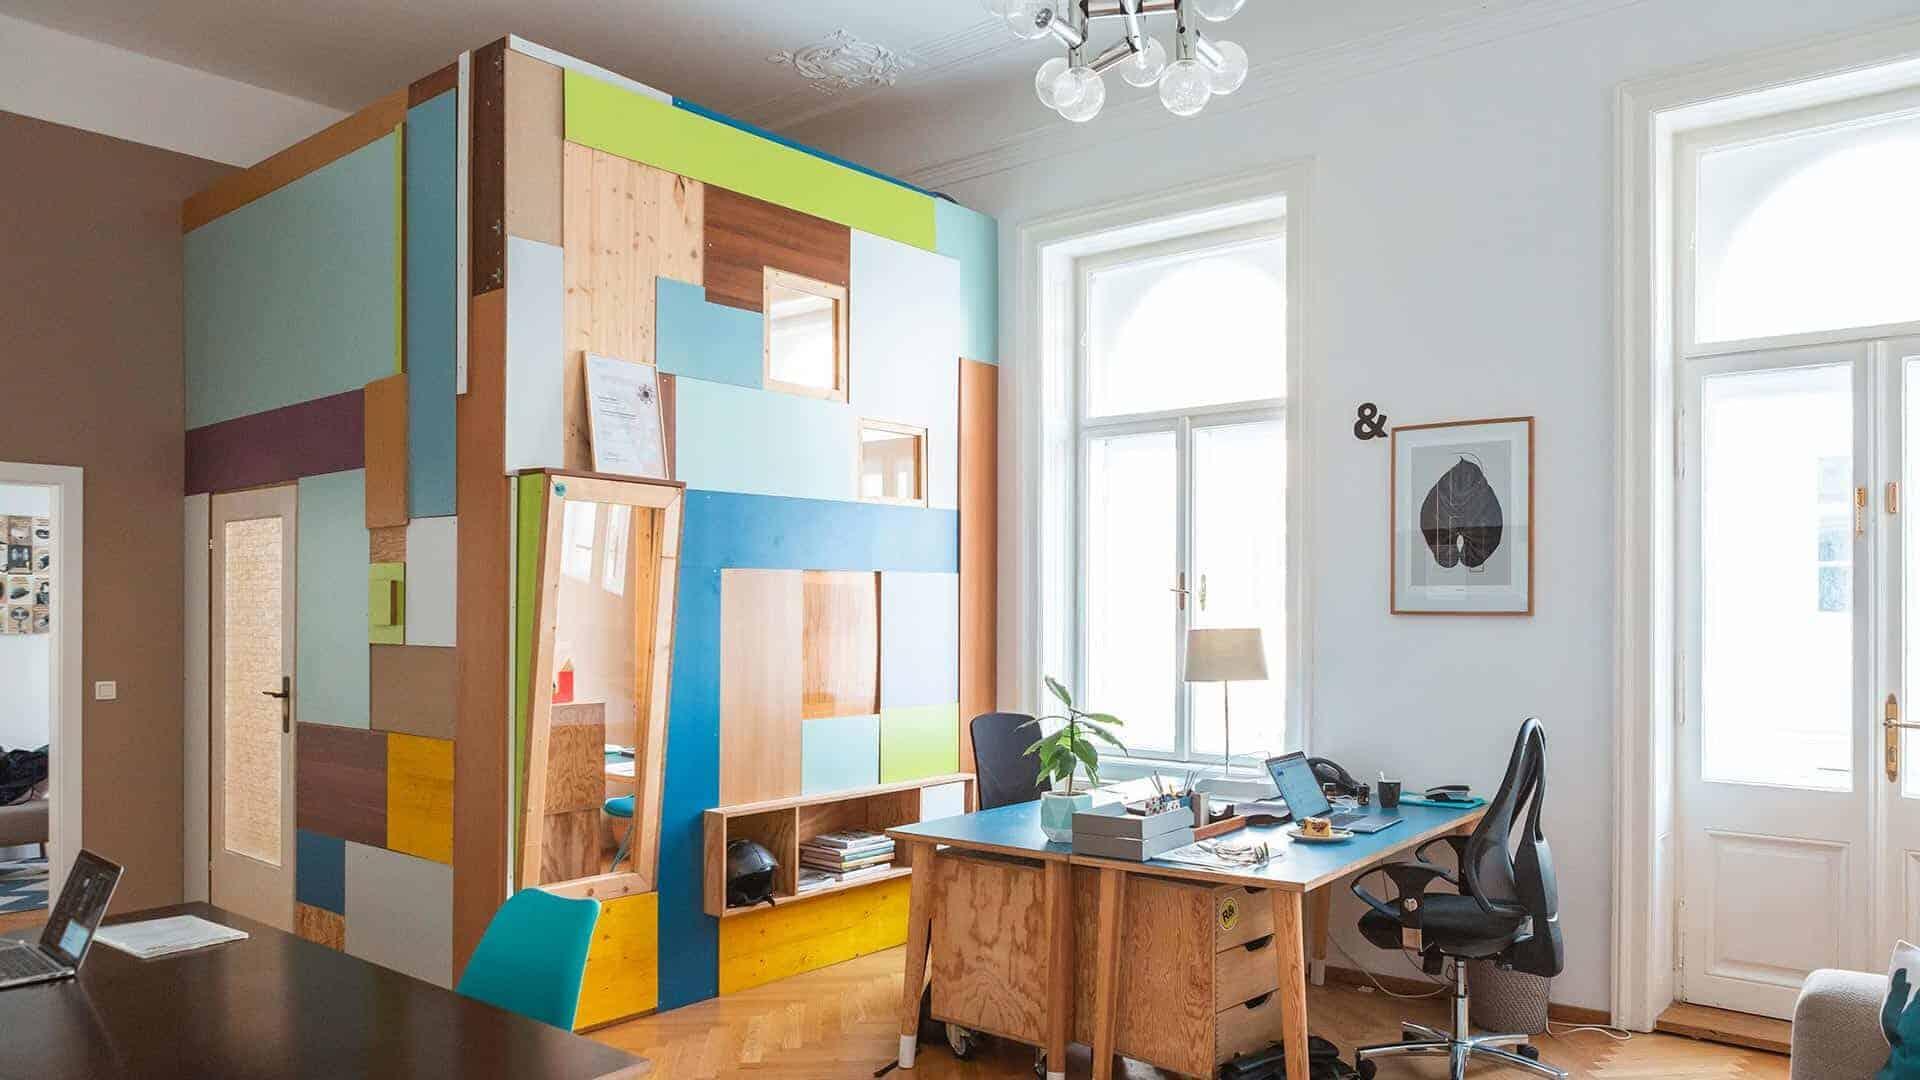 DAS-RUND-OFFICE-HOUSE-16.jpg